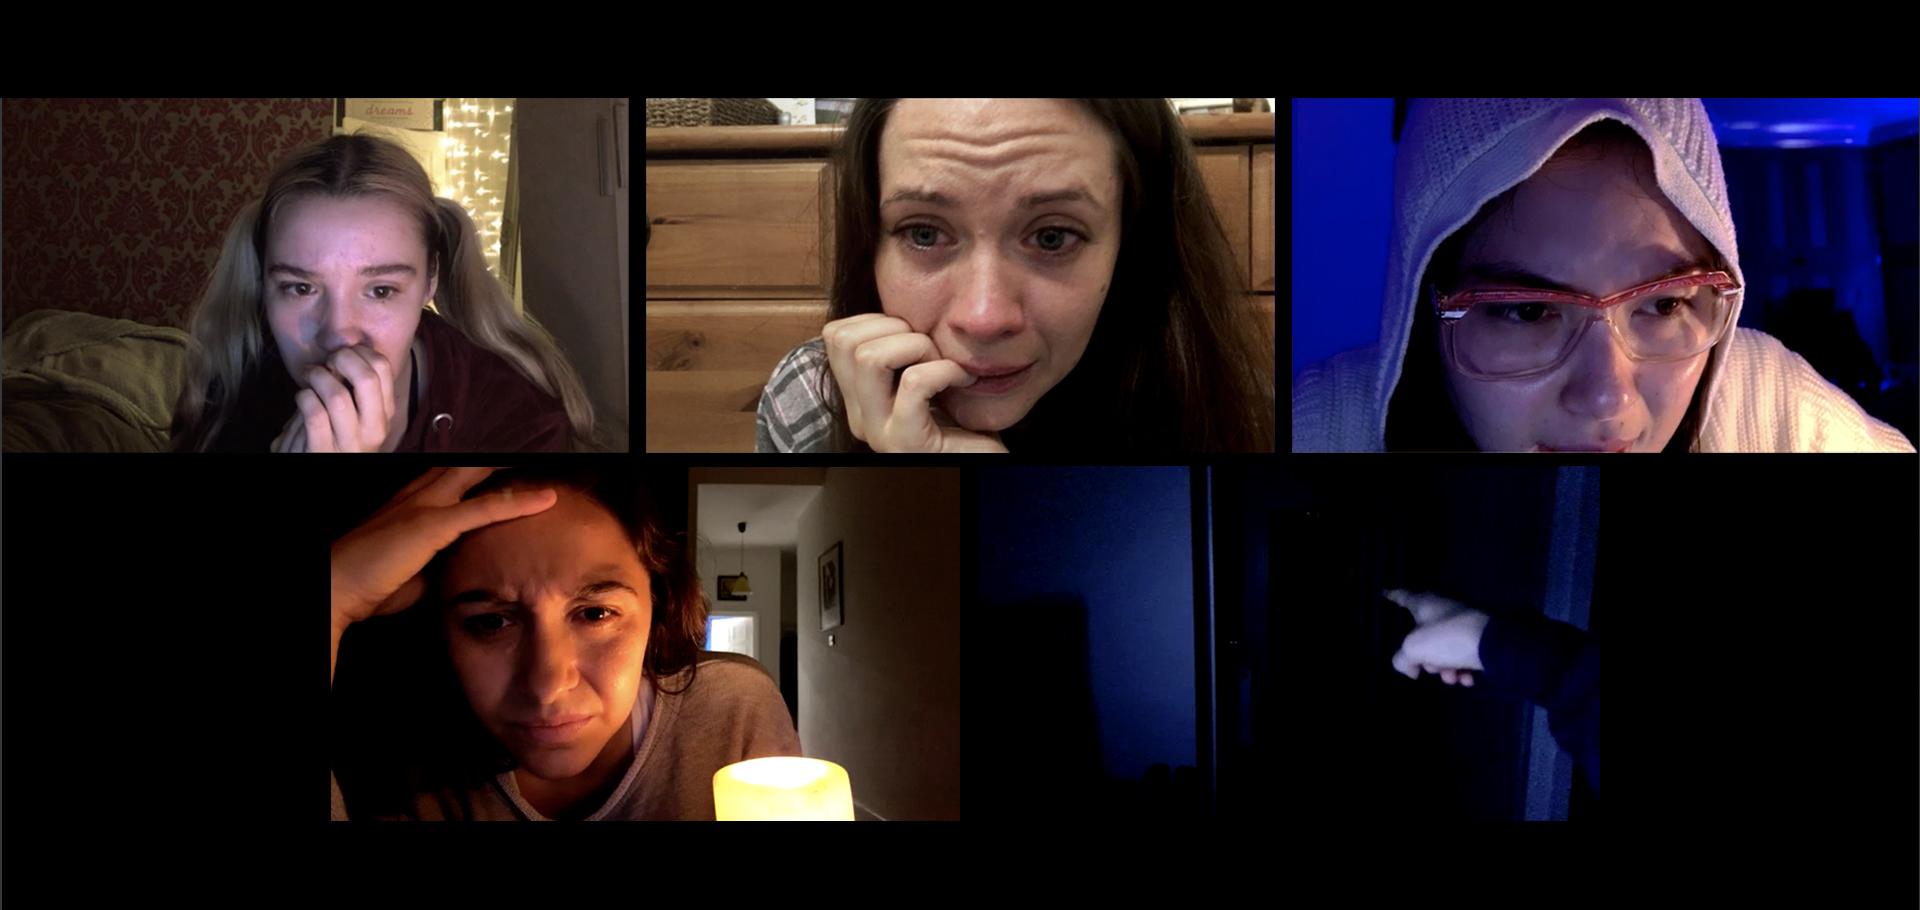 Todo sobre Host, la película de terror realizada por Zoom llega a Shudder